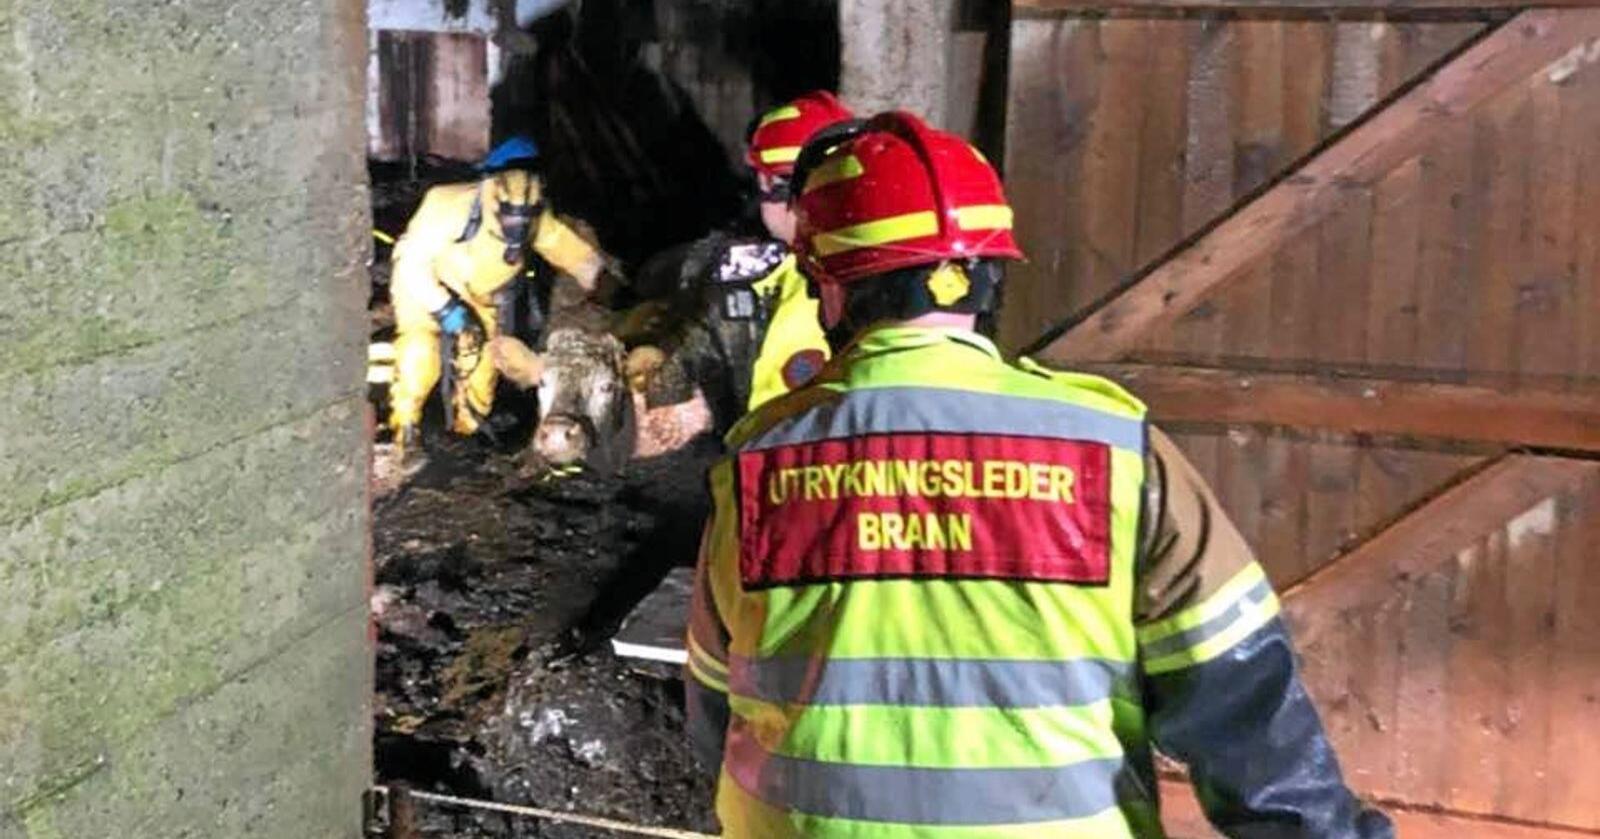 Her får ku nummer 1349, frå no av Andrea, hjelp frå brannfolk til å kome seg ut av møkakjellaren under sauefjøset. Foto: Privat